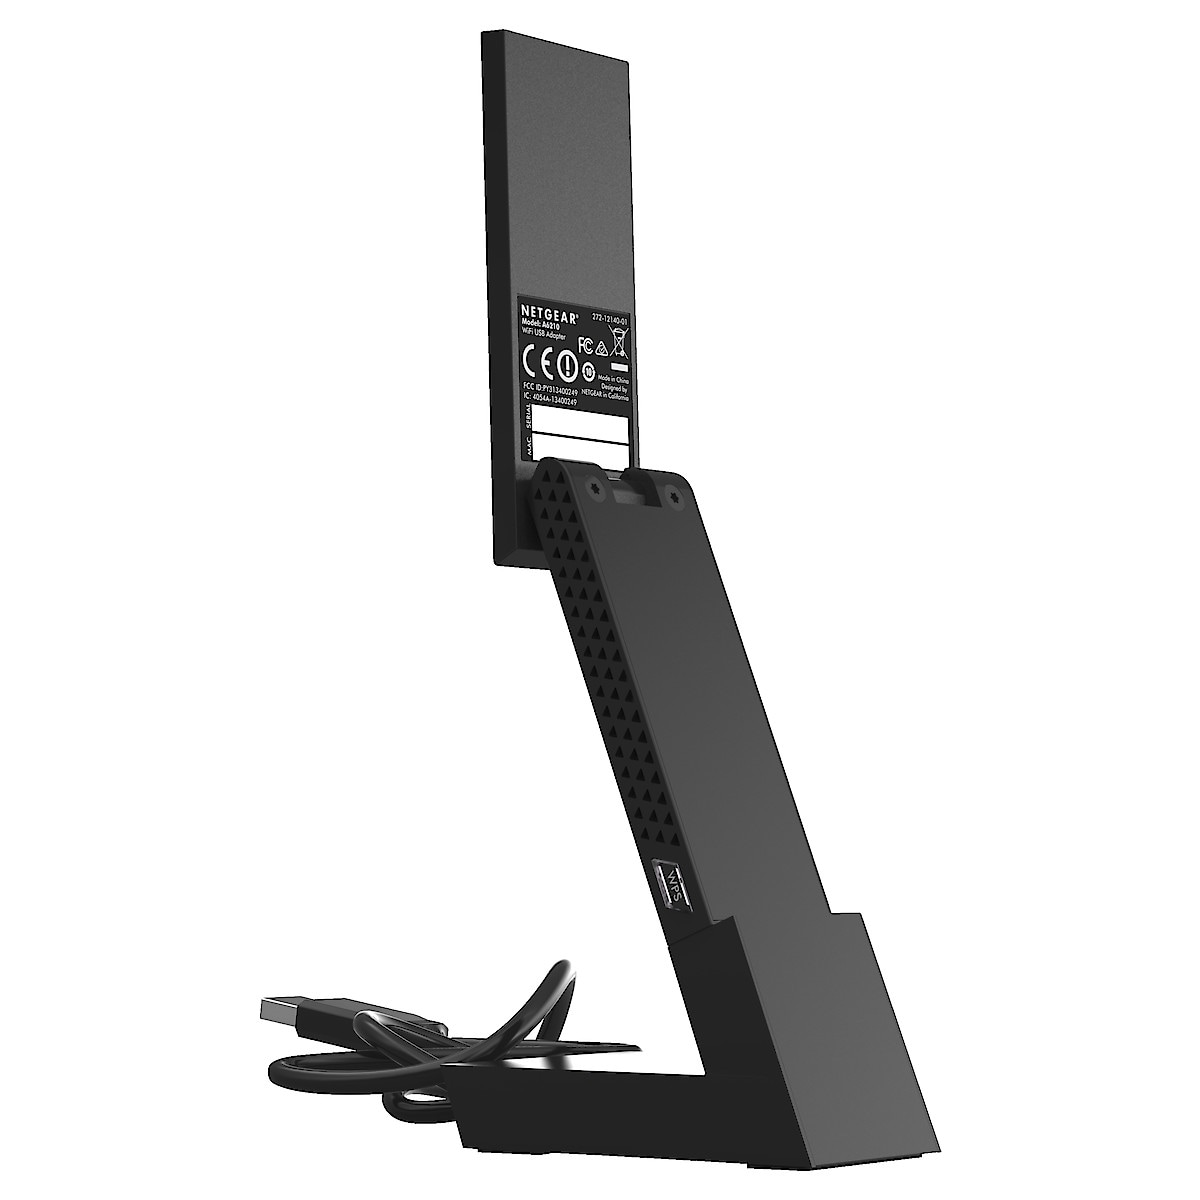 Trådlöst AC-nätverkskort USB, Netgear A6210